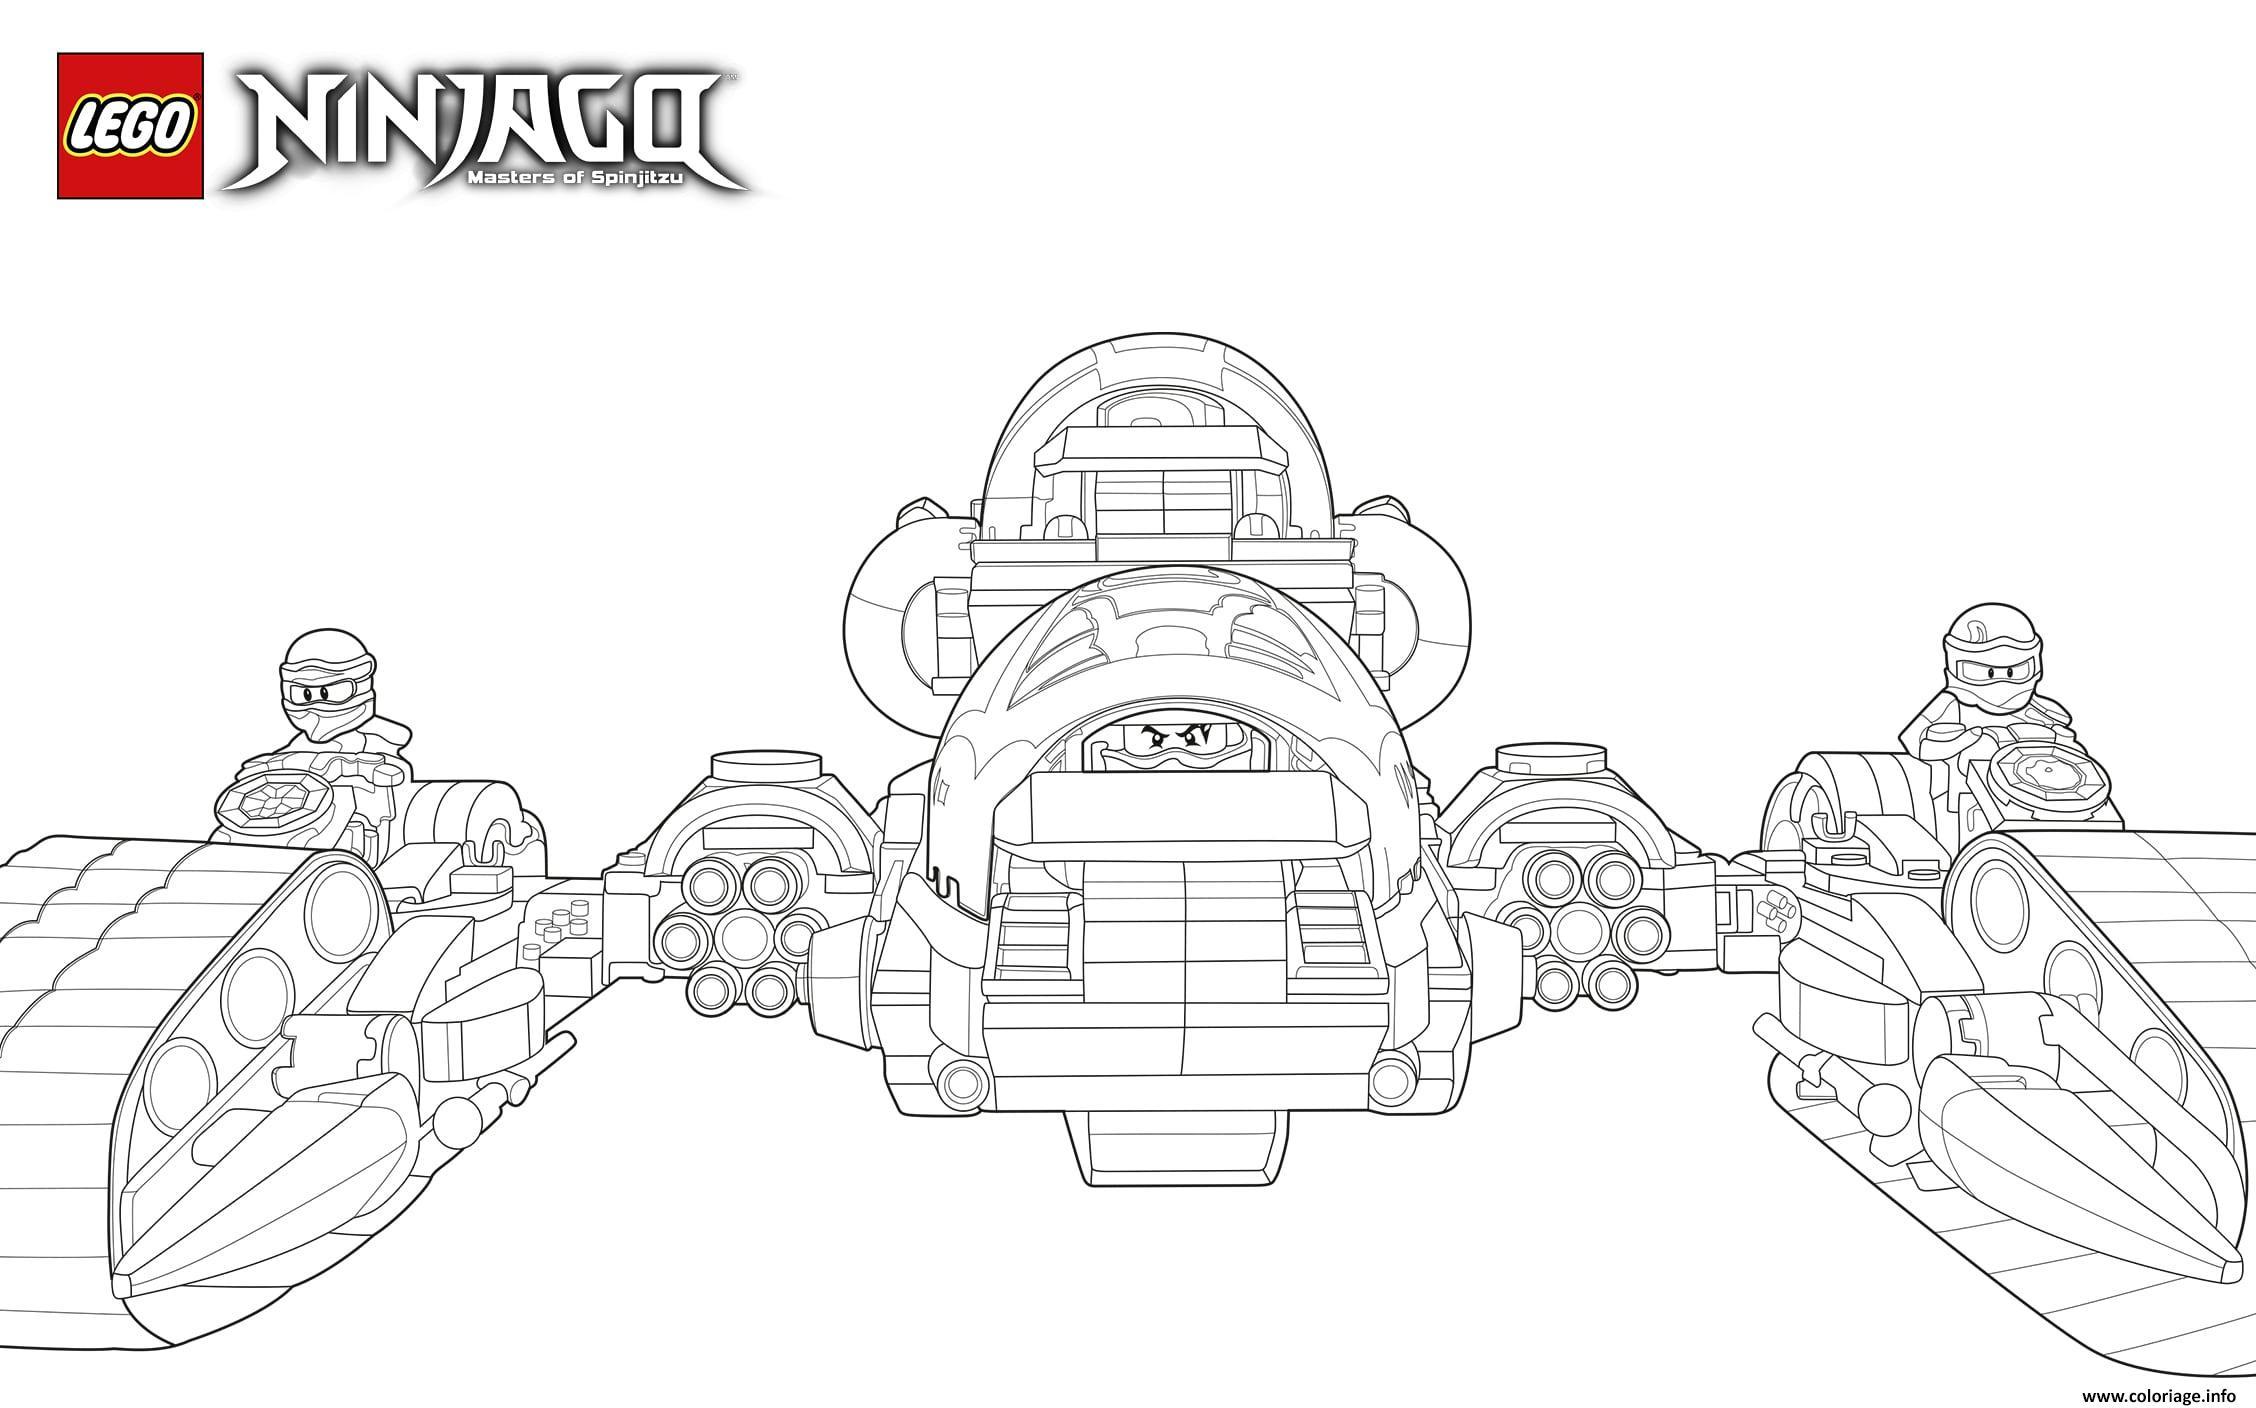 Dessin lego ninjago ninjaja nouvelle saison Coloriage Gratuit à Imprimer